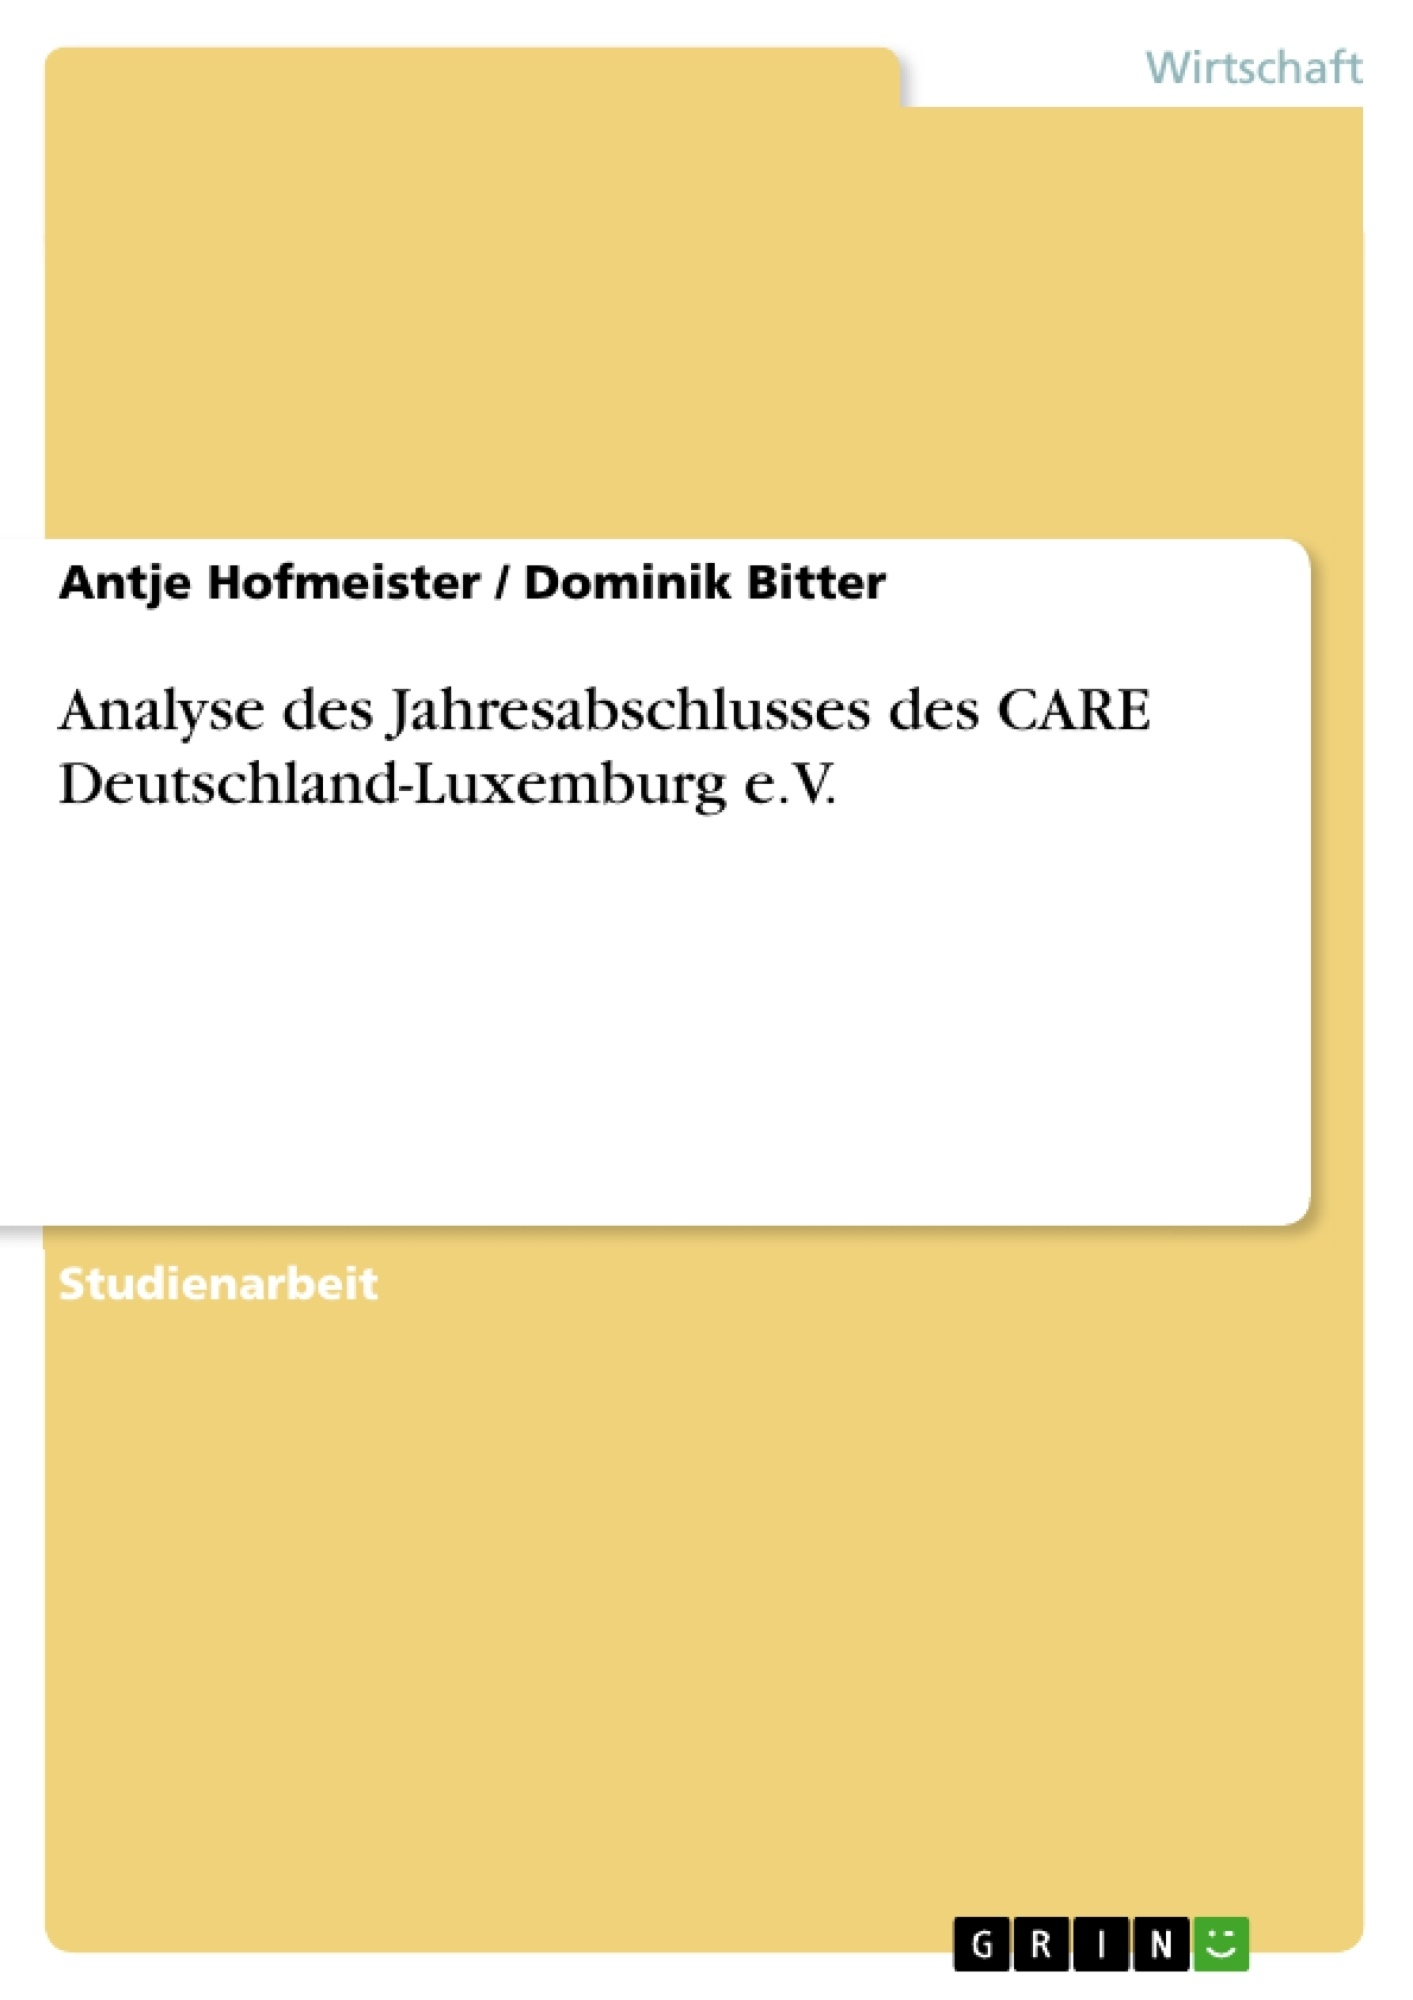 Titel: Analyse des Jahresabschlusses des CARE Deutschland-Luxemburg e.V.